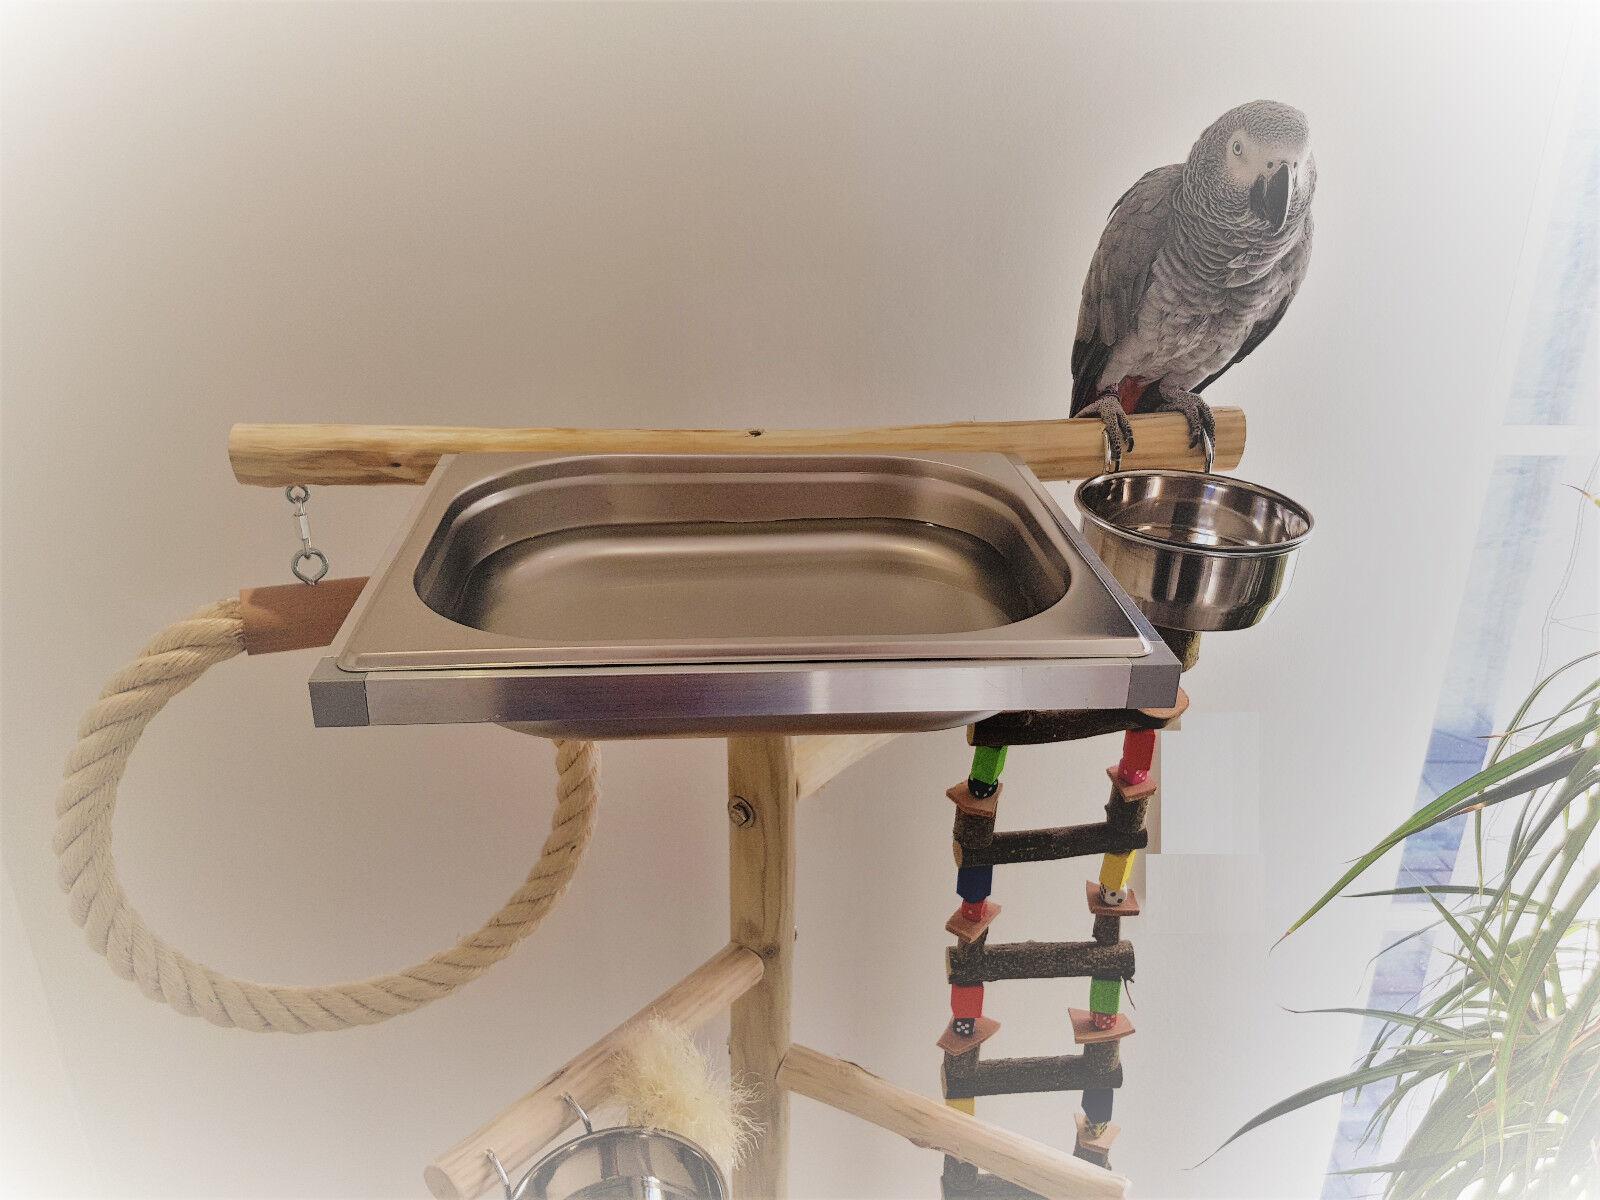 SEDILE liberamente in LEGNO PAPPAGALLI sede libero con ponte sospeso & vasca da bagno 1,40 NUOVO